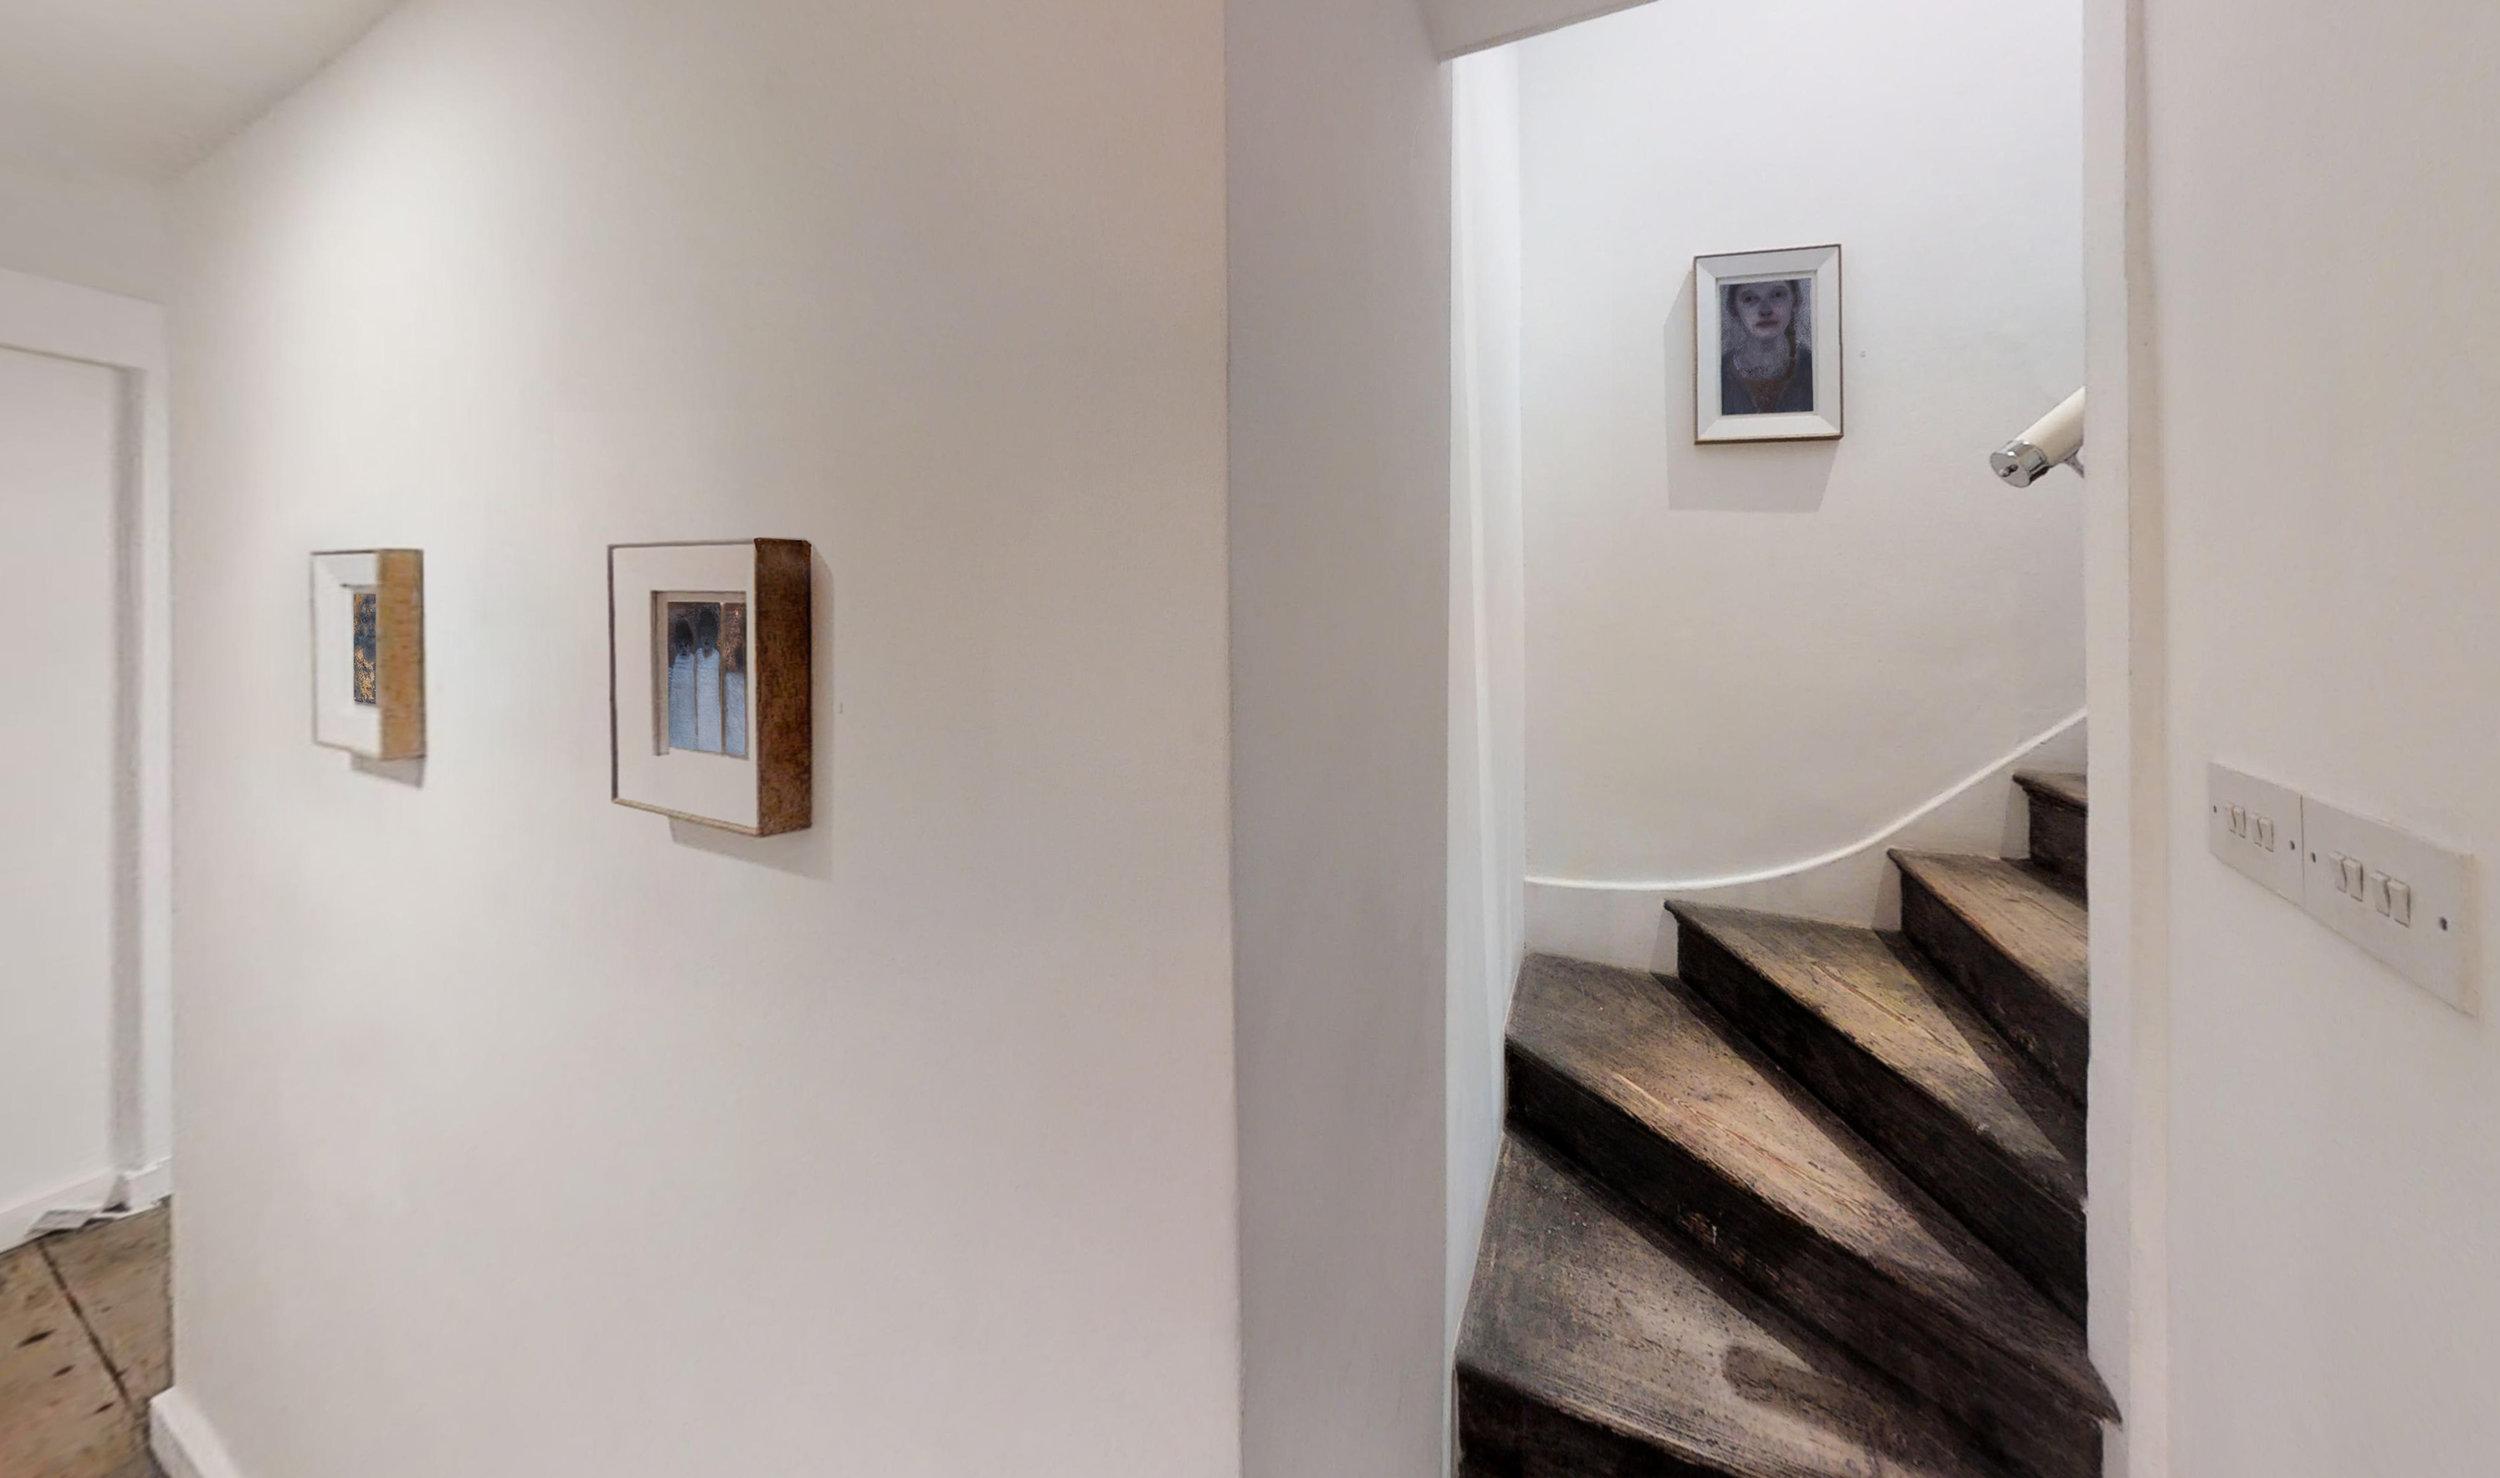 Floor 2 / Corridor